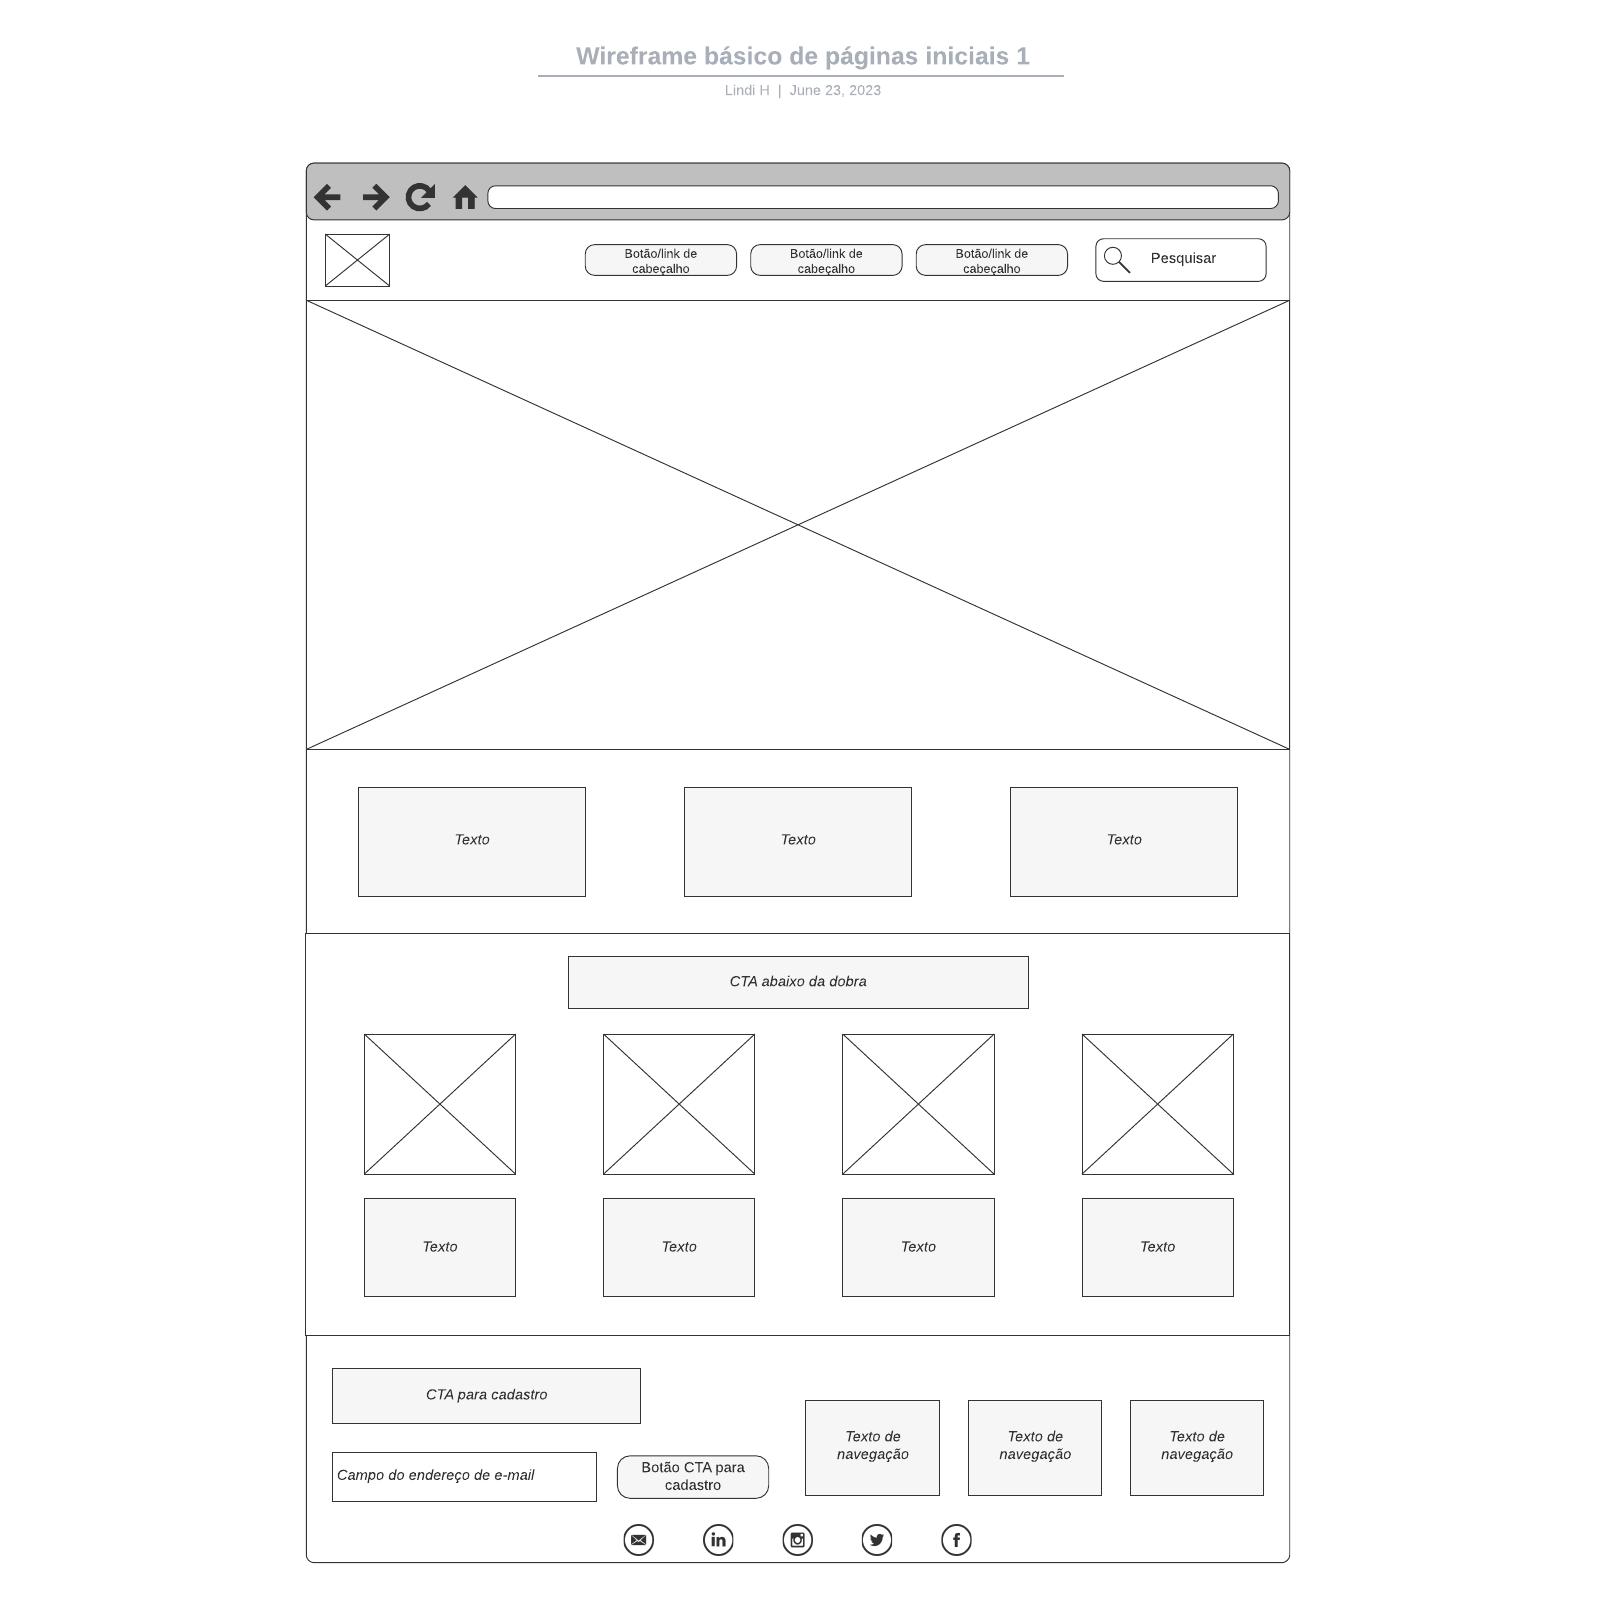 Wireframe básico de páginas iniciais 1